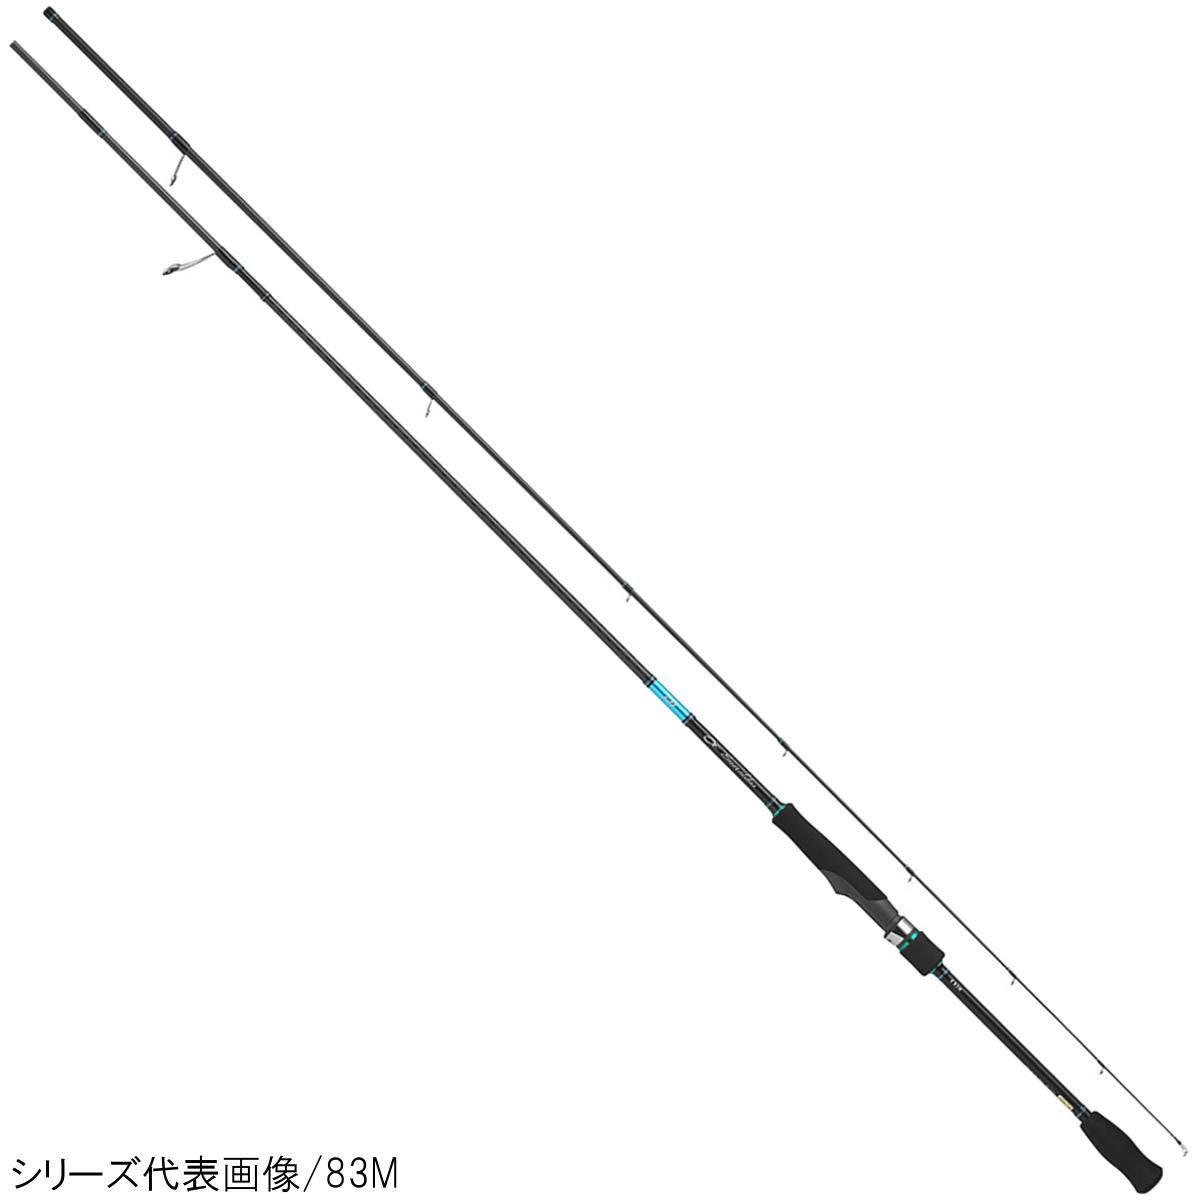 エメラルダス X 86MH(エギングロッド) ダイワ【同梱不可】